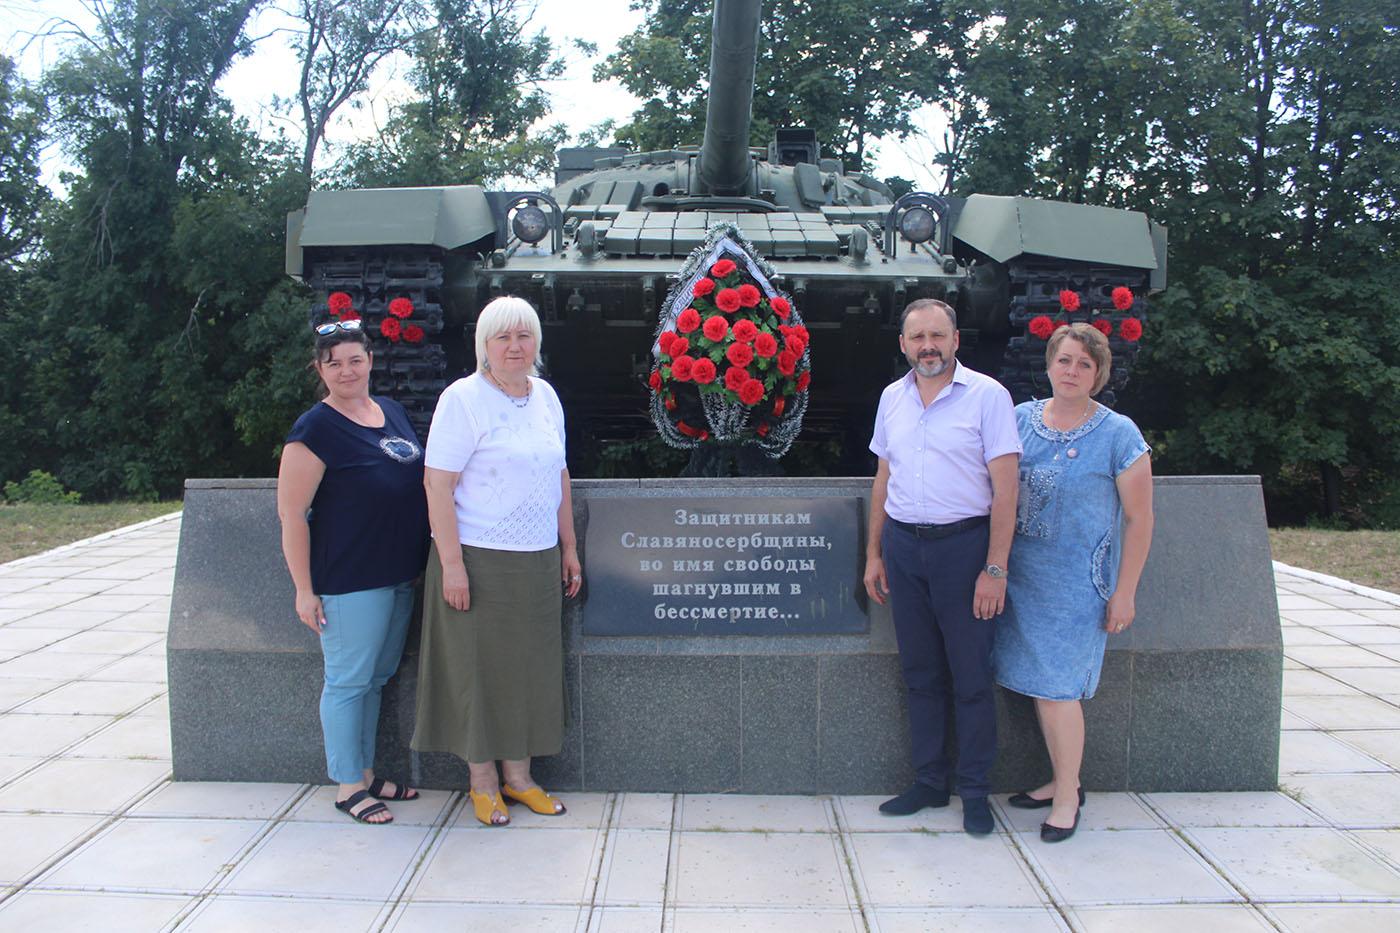 Светлана Гизай и Андрей Лицоев возложили цветы к памятнику погибшим ополченцам на Бахмутской трассе